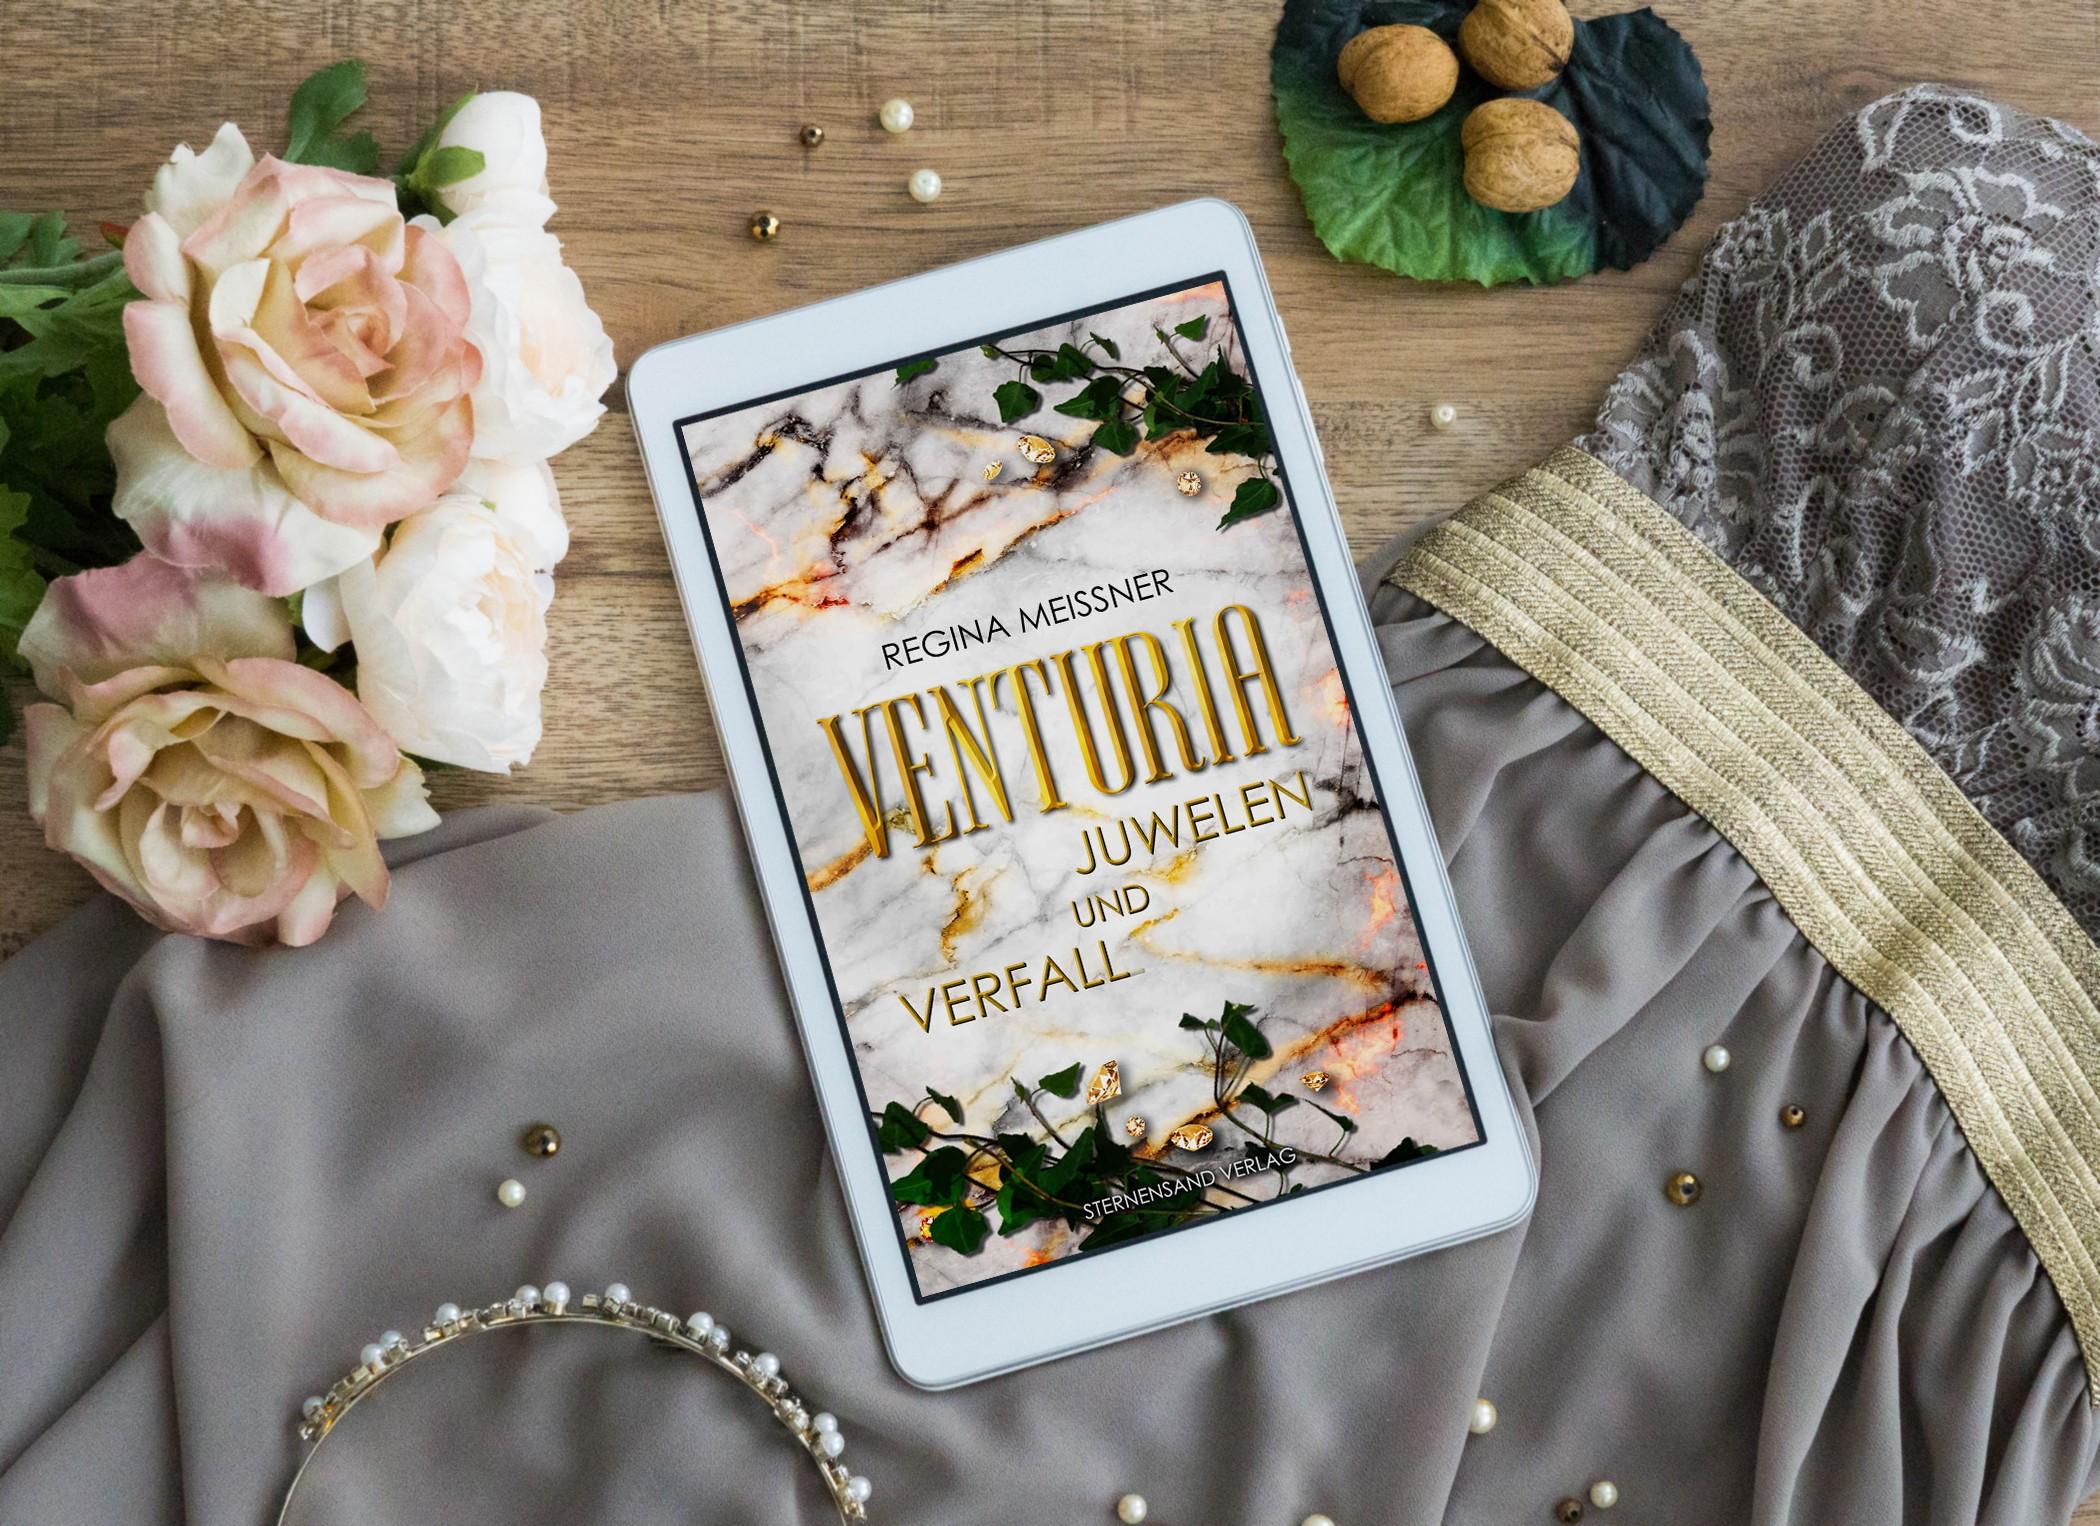 Venturia: Juwelen und Verfall – Regina Meißner graphic